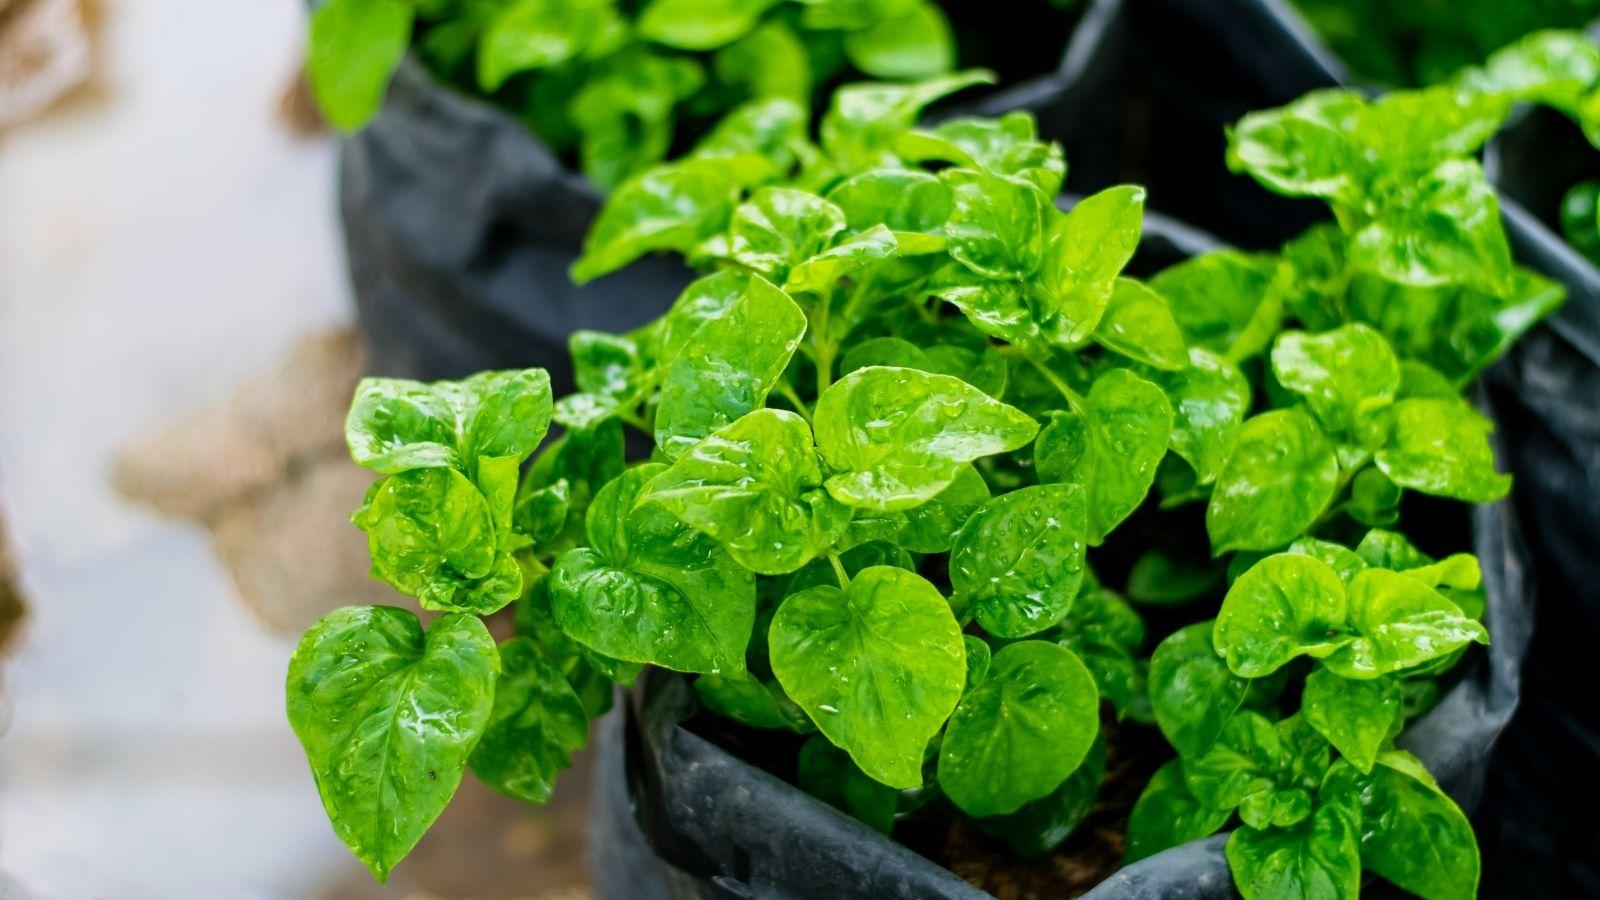 Spenót terméshozama. Mennyi lehet a termésátlag otthon?